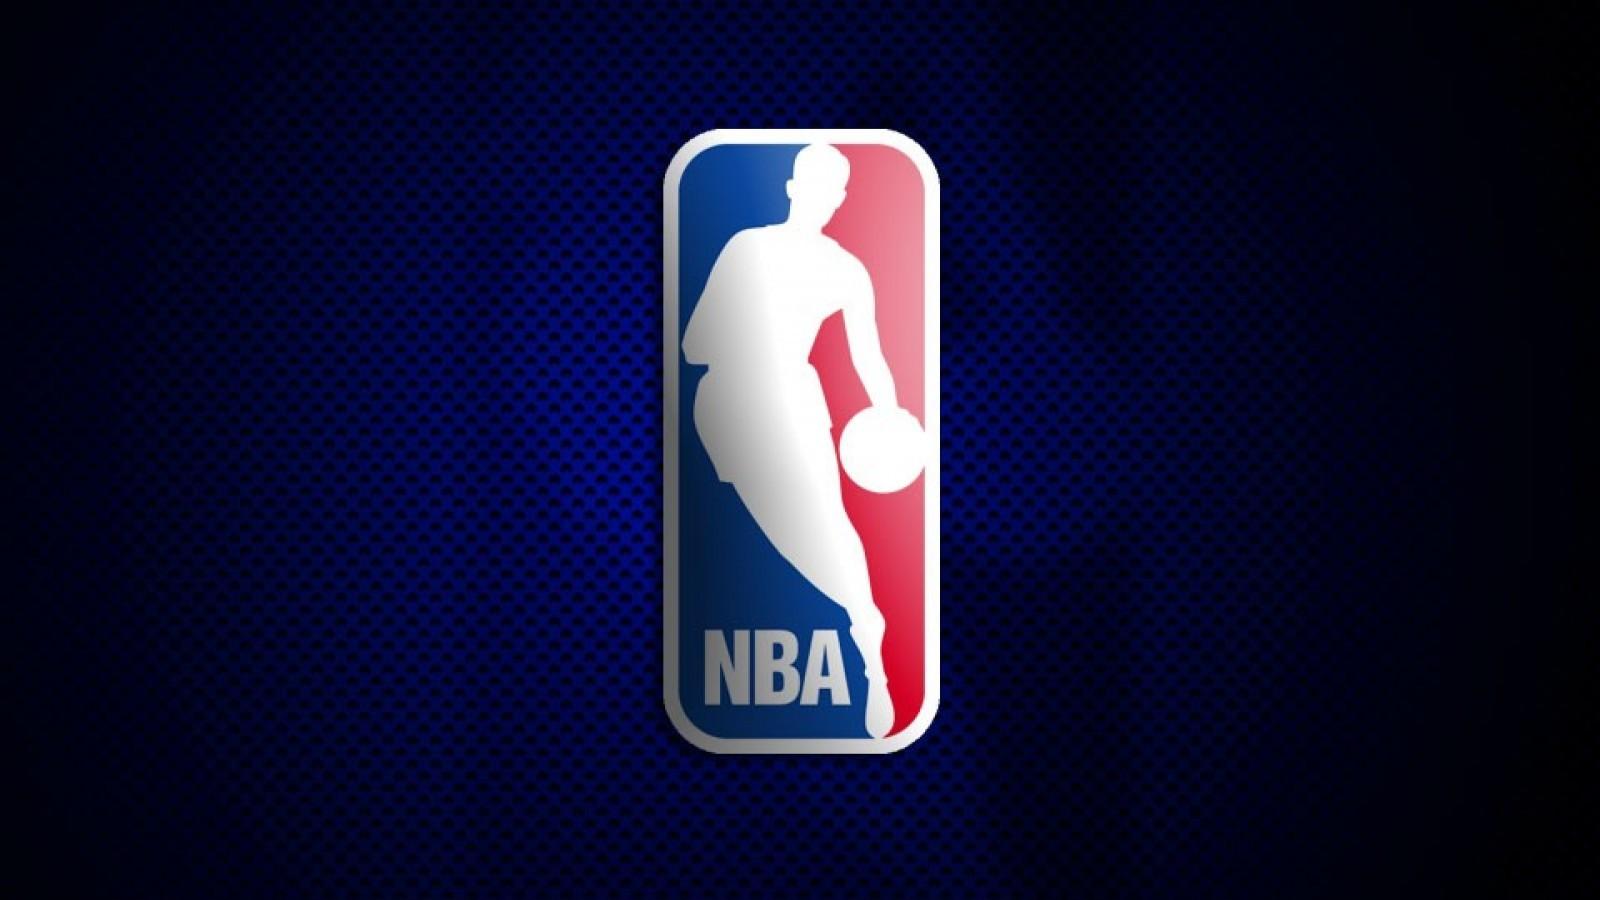 Найкращі моменти матчів НБА 15 грудня: відео